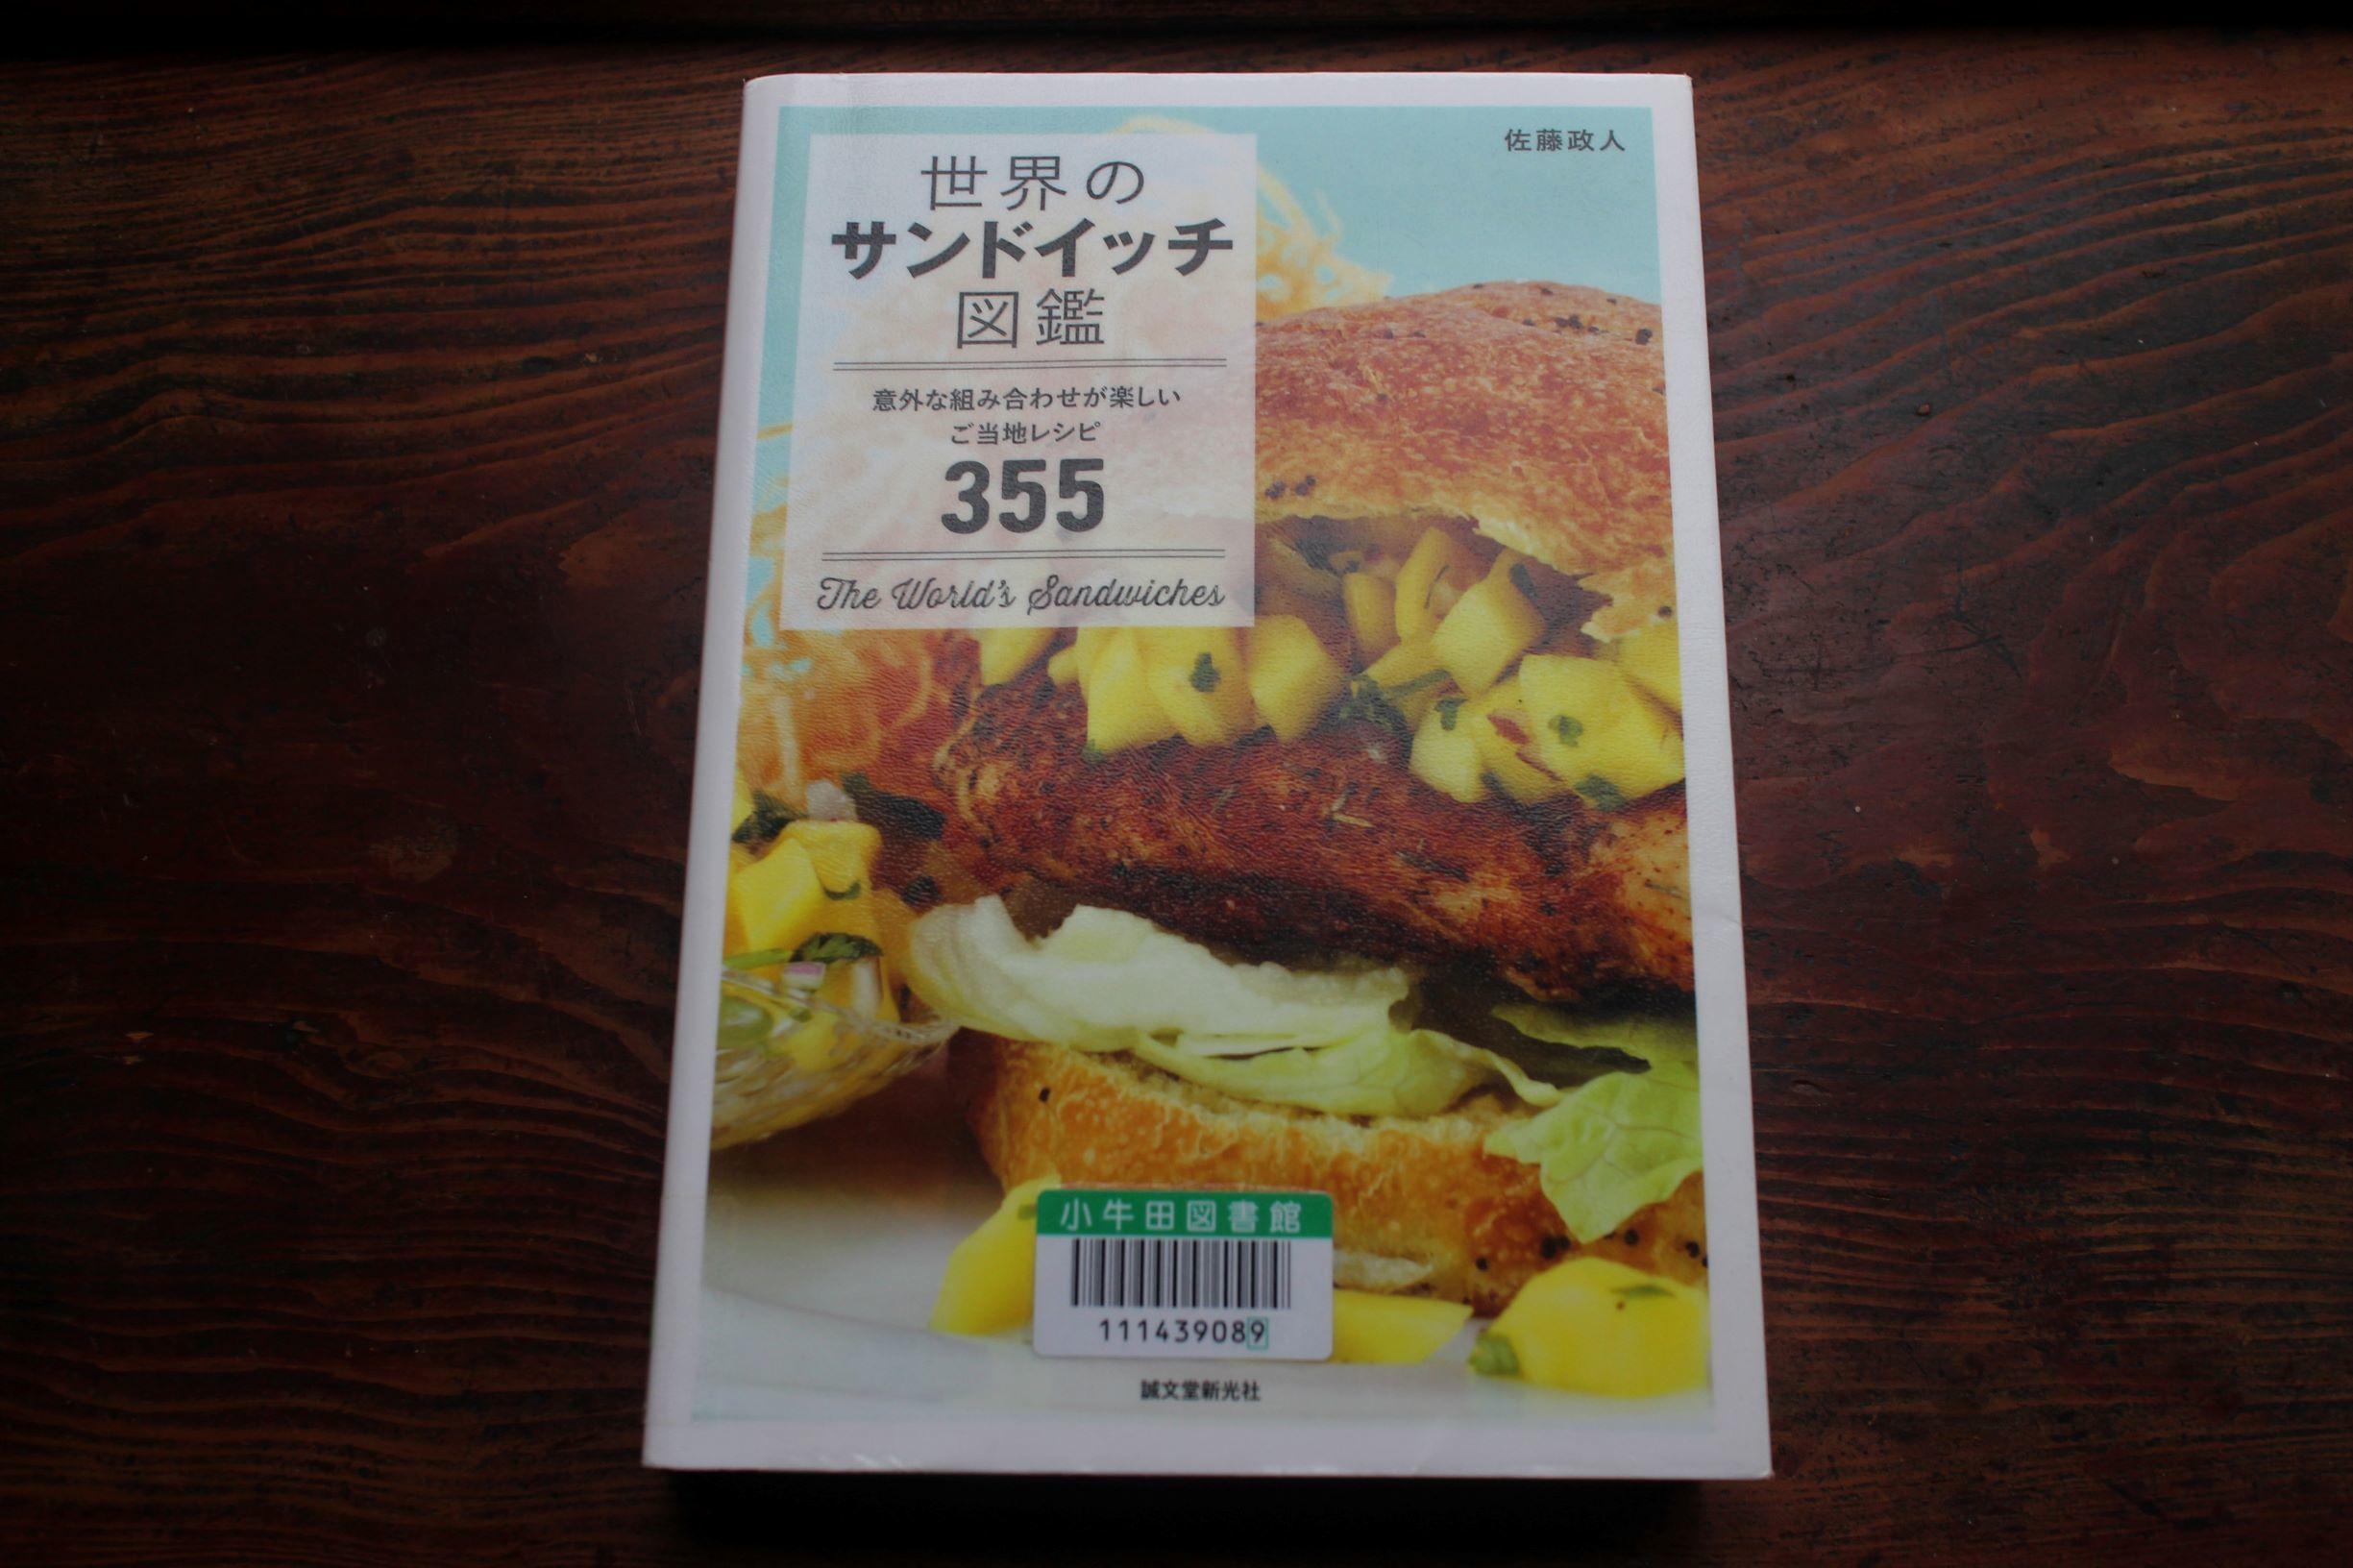 パンにまつわるエトセトラ その168 すごい!!サンドイッチ図鑑...の巻です!_d0155147_07244154.jpg